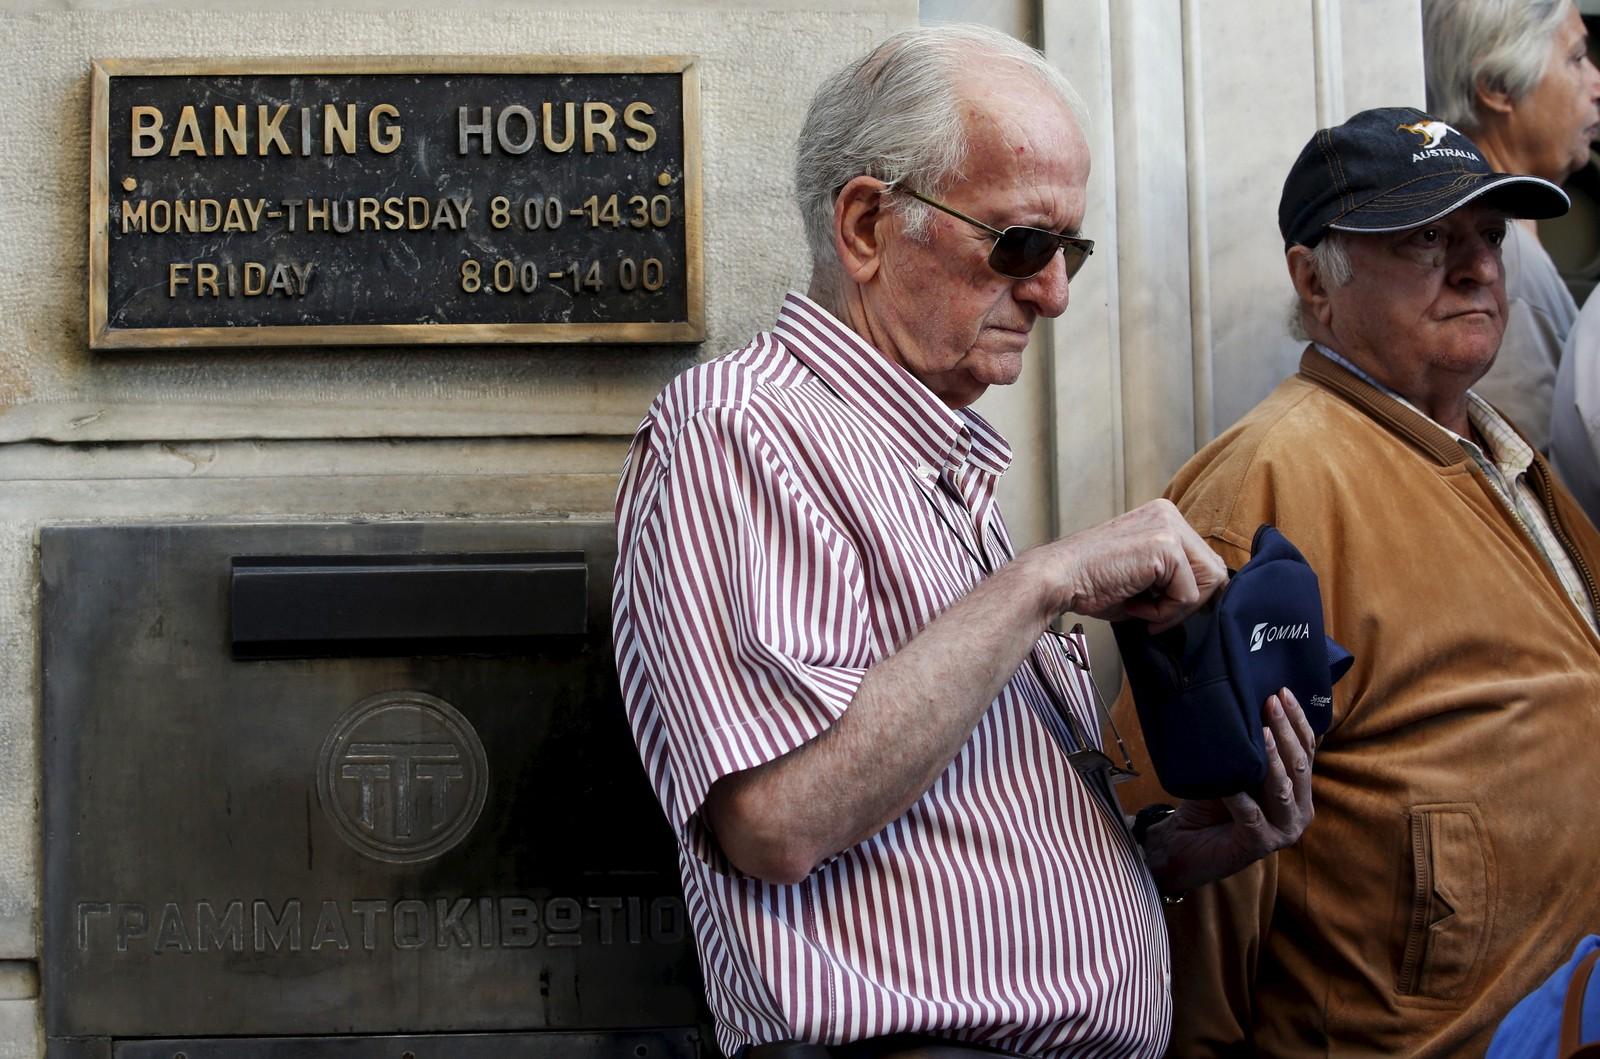 En pensjonist kikker i lommeboka si mens han venter i kø utenfor en bank i Aten.